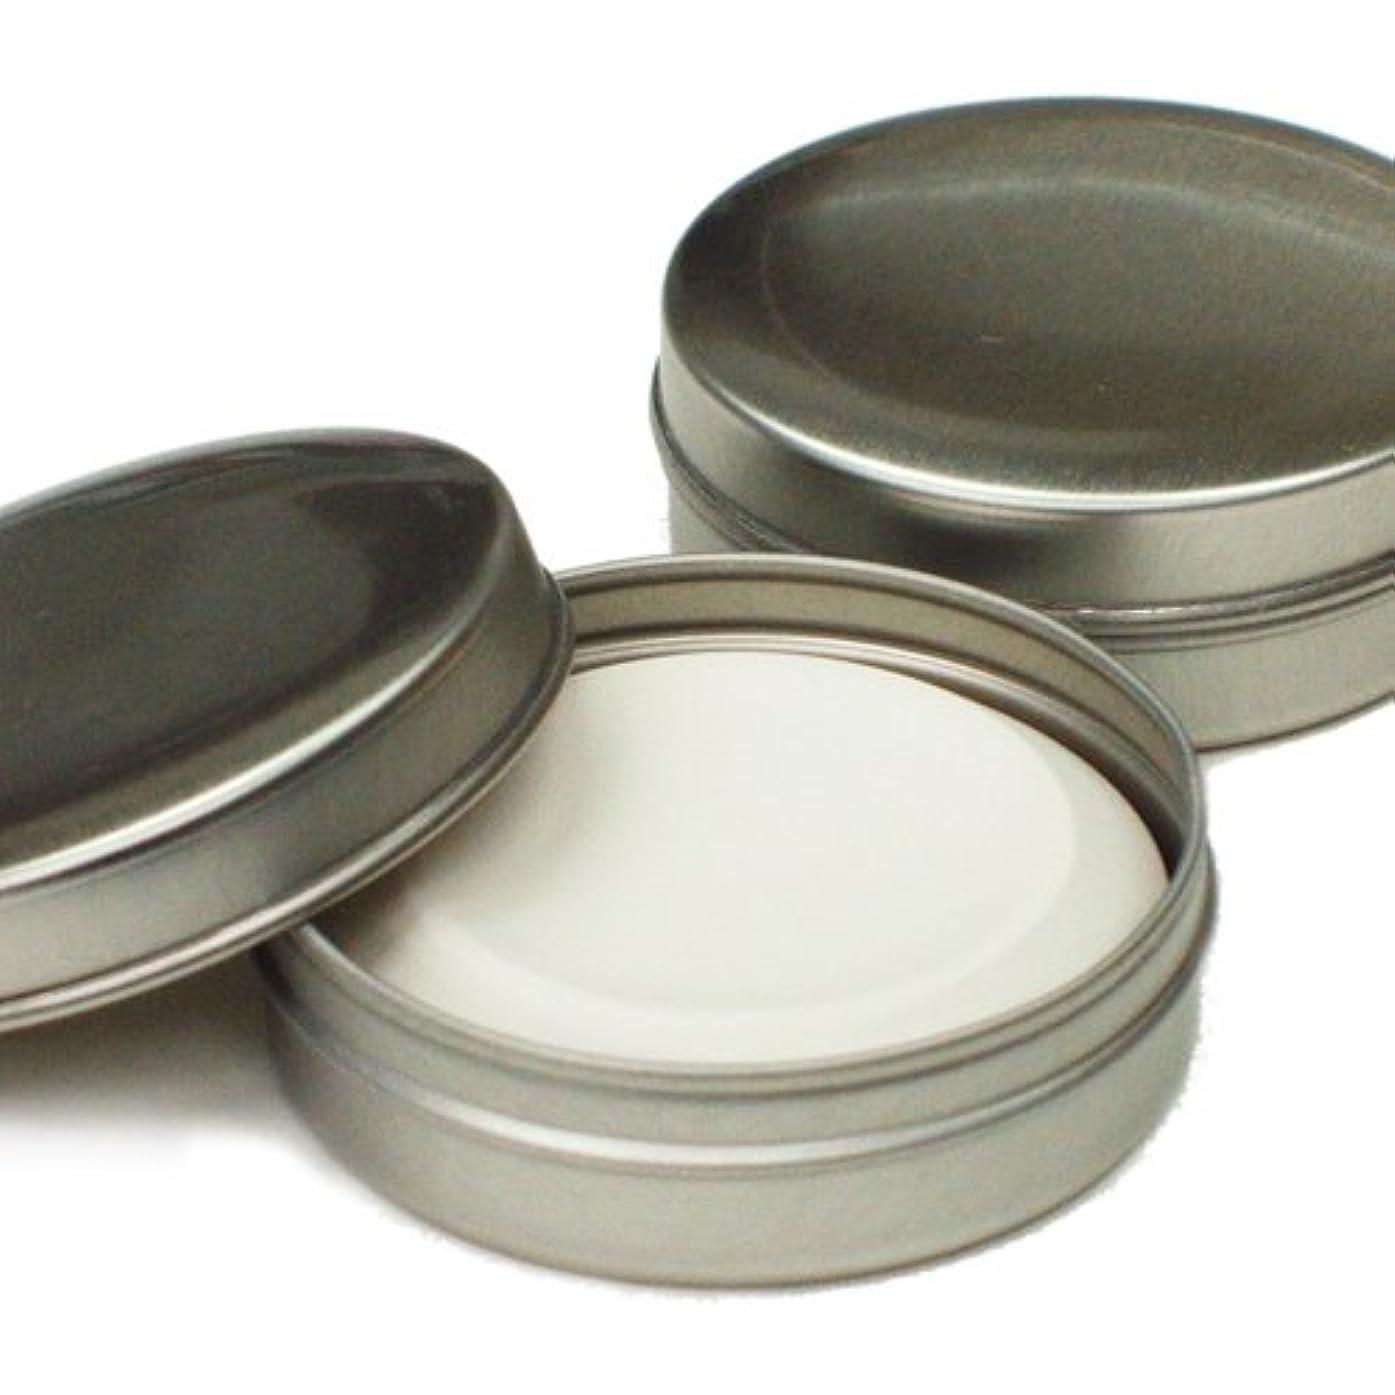 推定する起きているペアアロマストーン アロマプレート アルミ缶入 2個セット 日本製 素焼き 陶器 アロマディフューザー